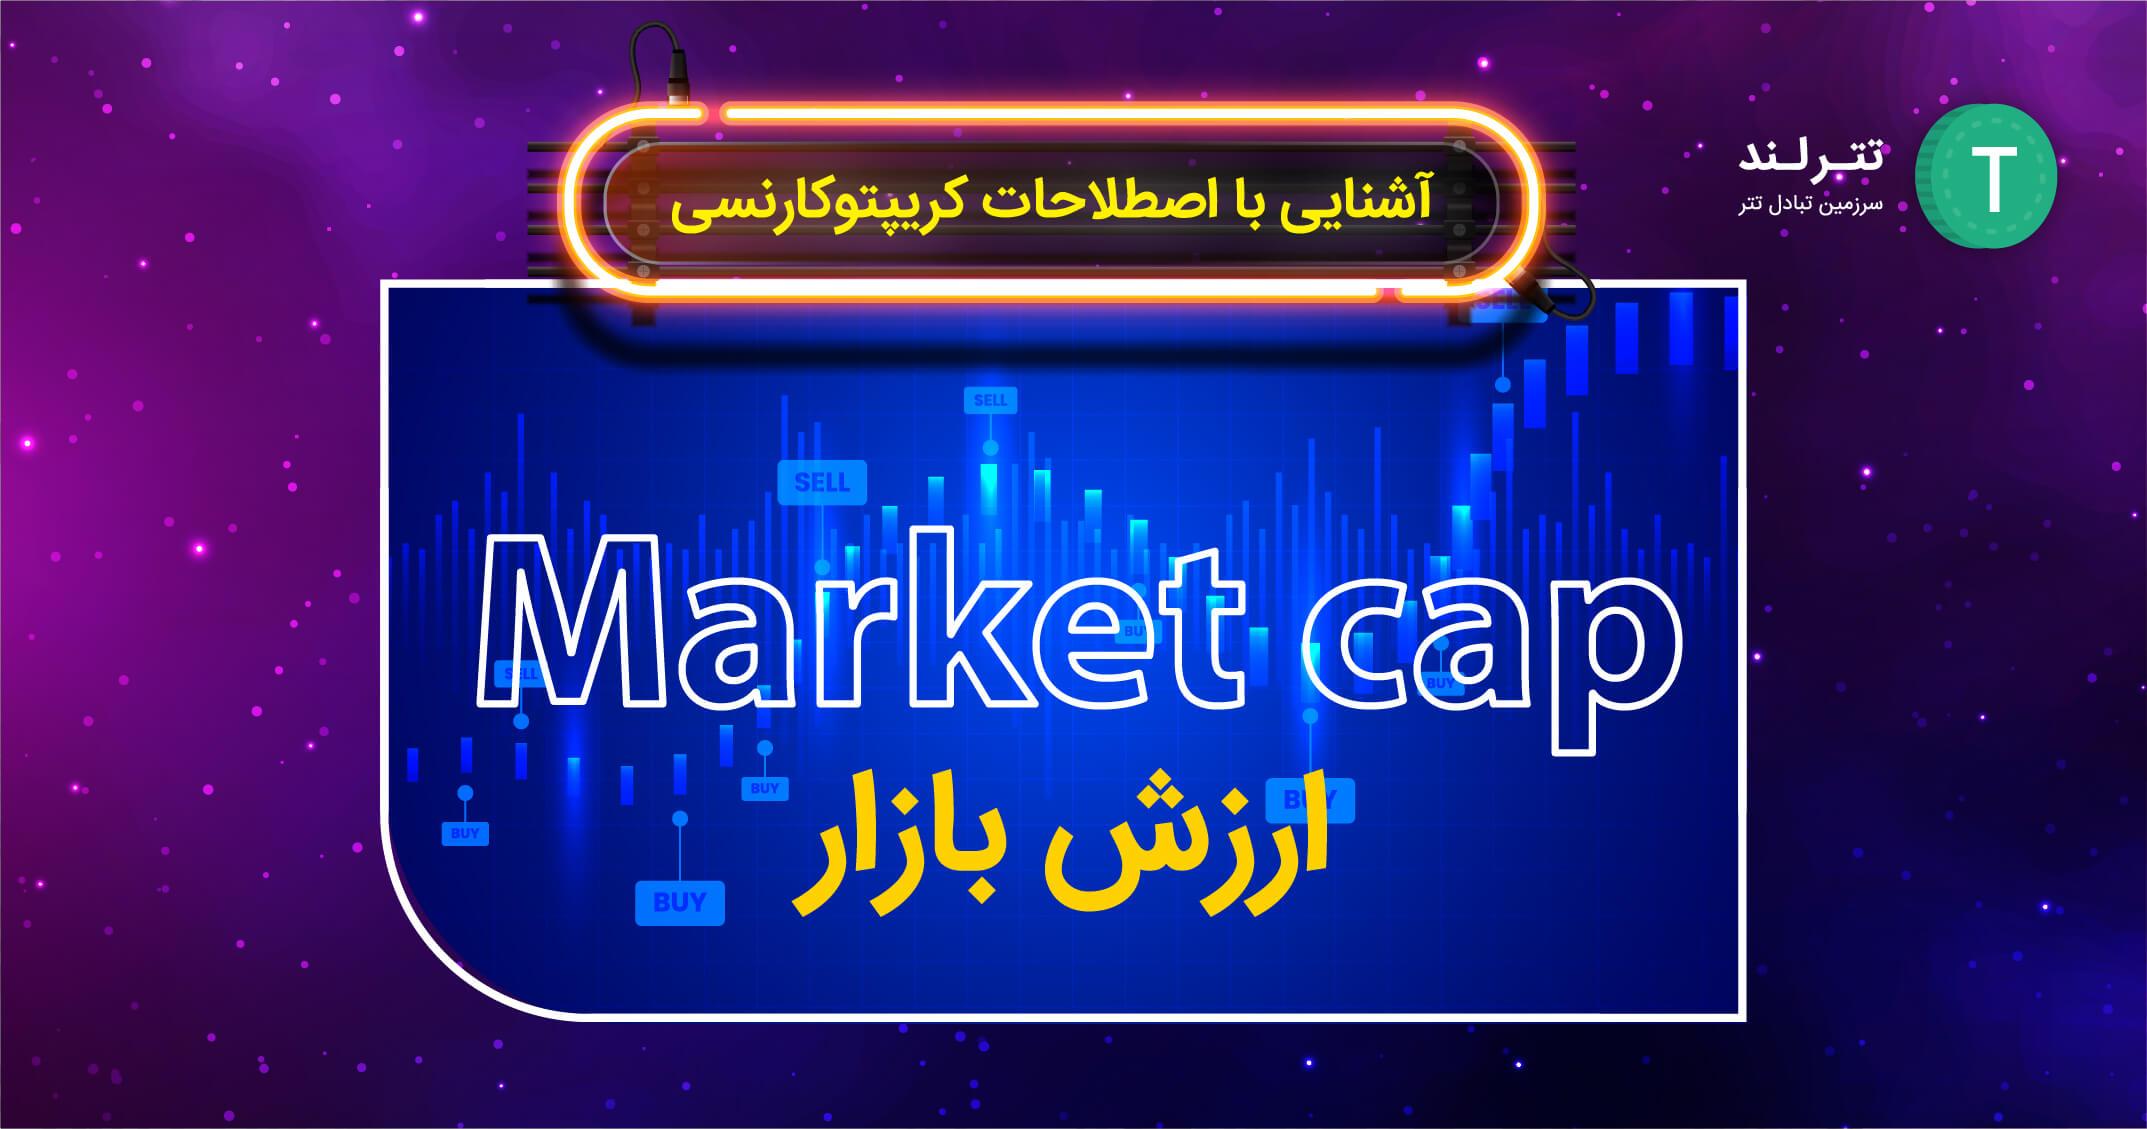 ارزش بازار (Market cap)